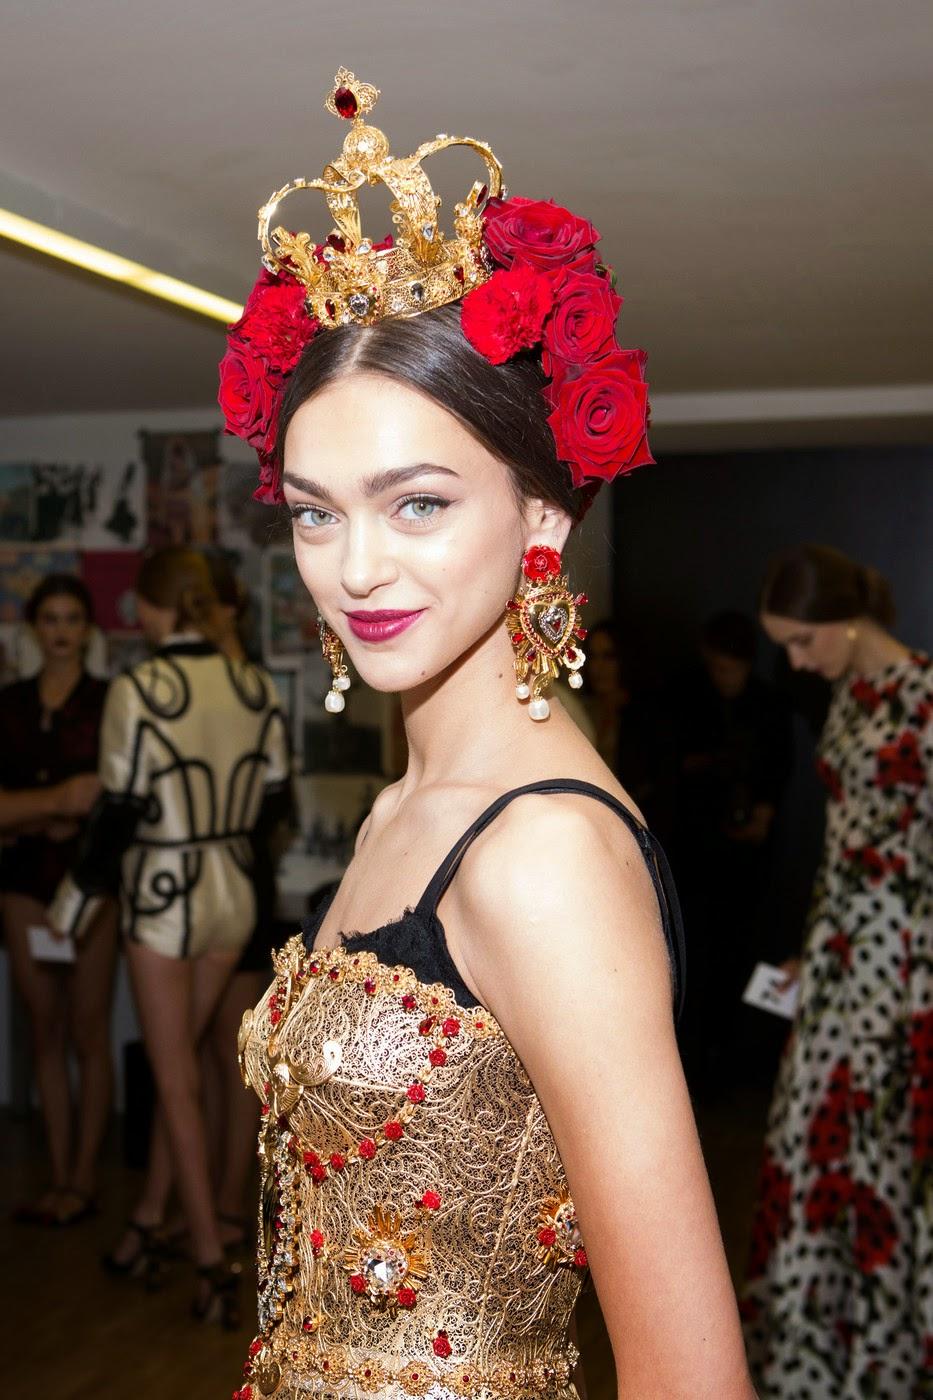 Тренд 3 Dolce Gabbana серьги Какие украшения носить весной?  3 главных тренда в нашем обзоре